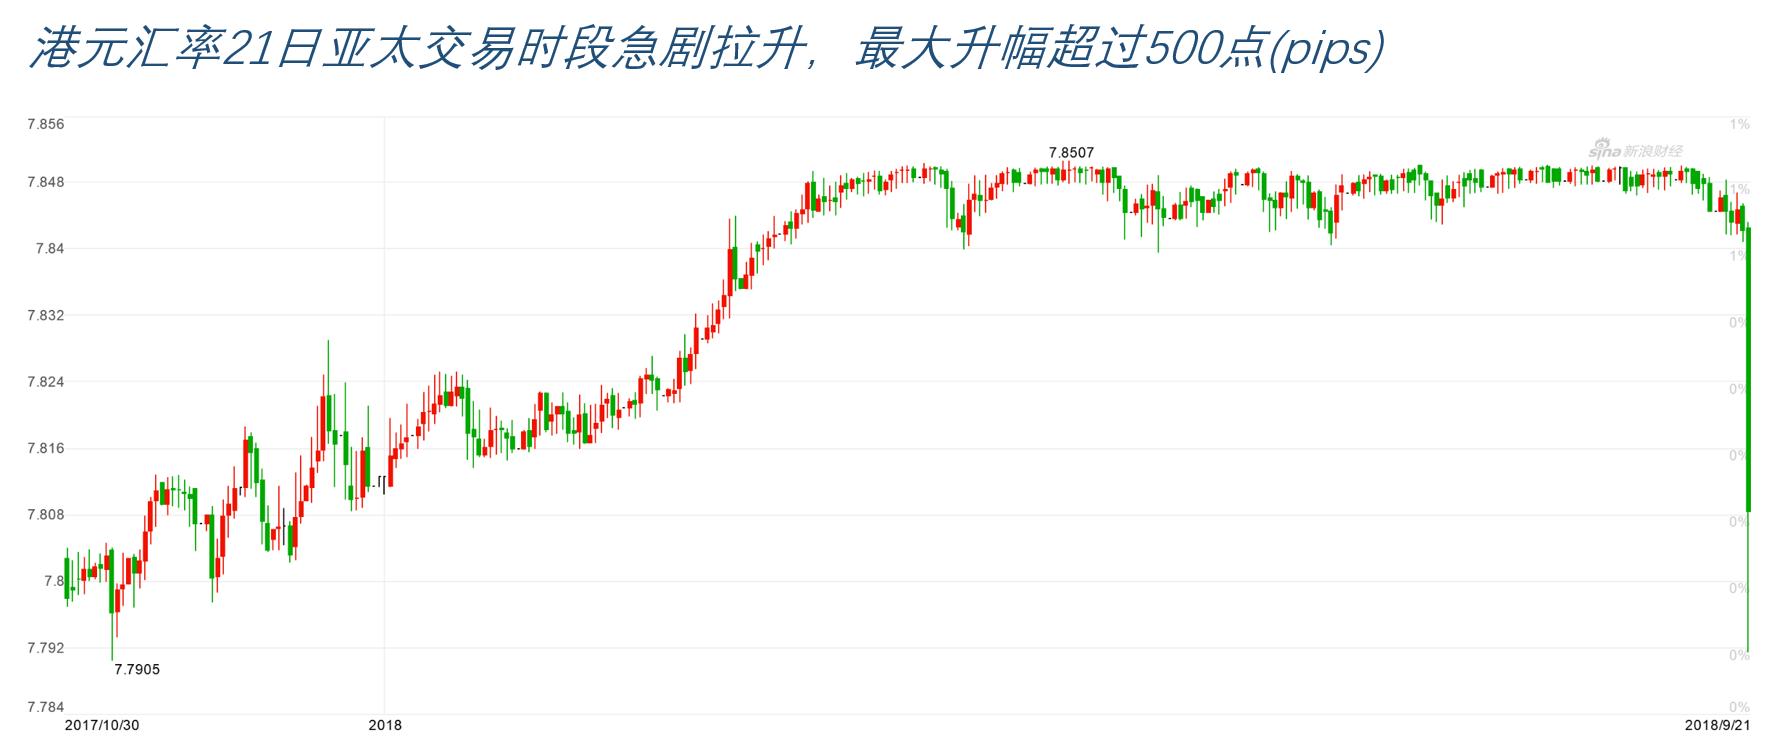 港元汇率于周五亚太交易时段急剧拉升,最大升幅超过500点(pips)(图片来源:新浪财经)